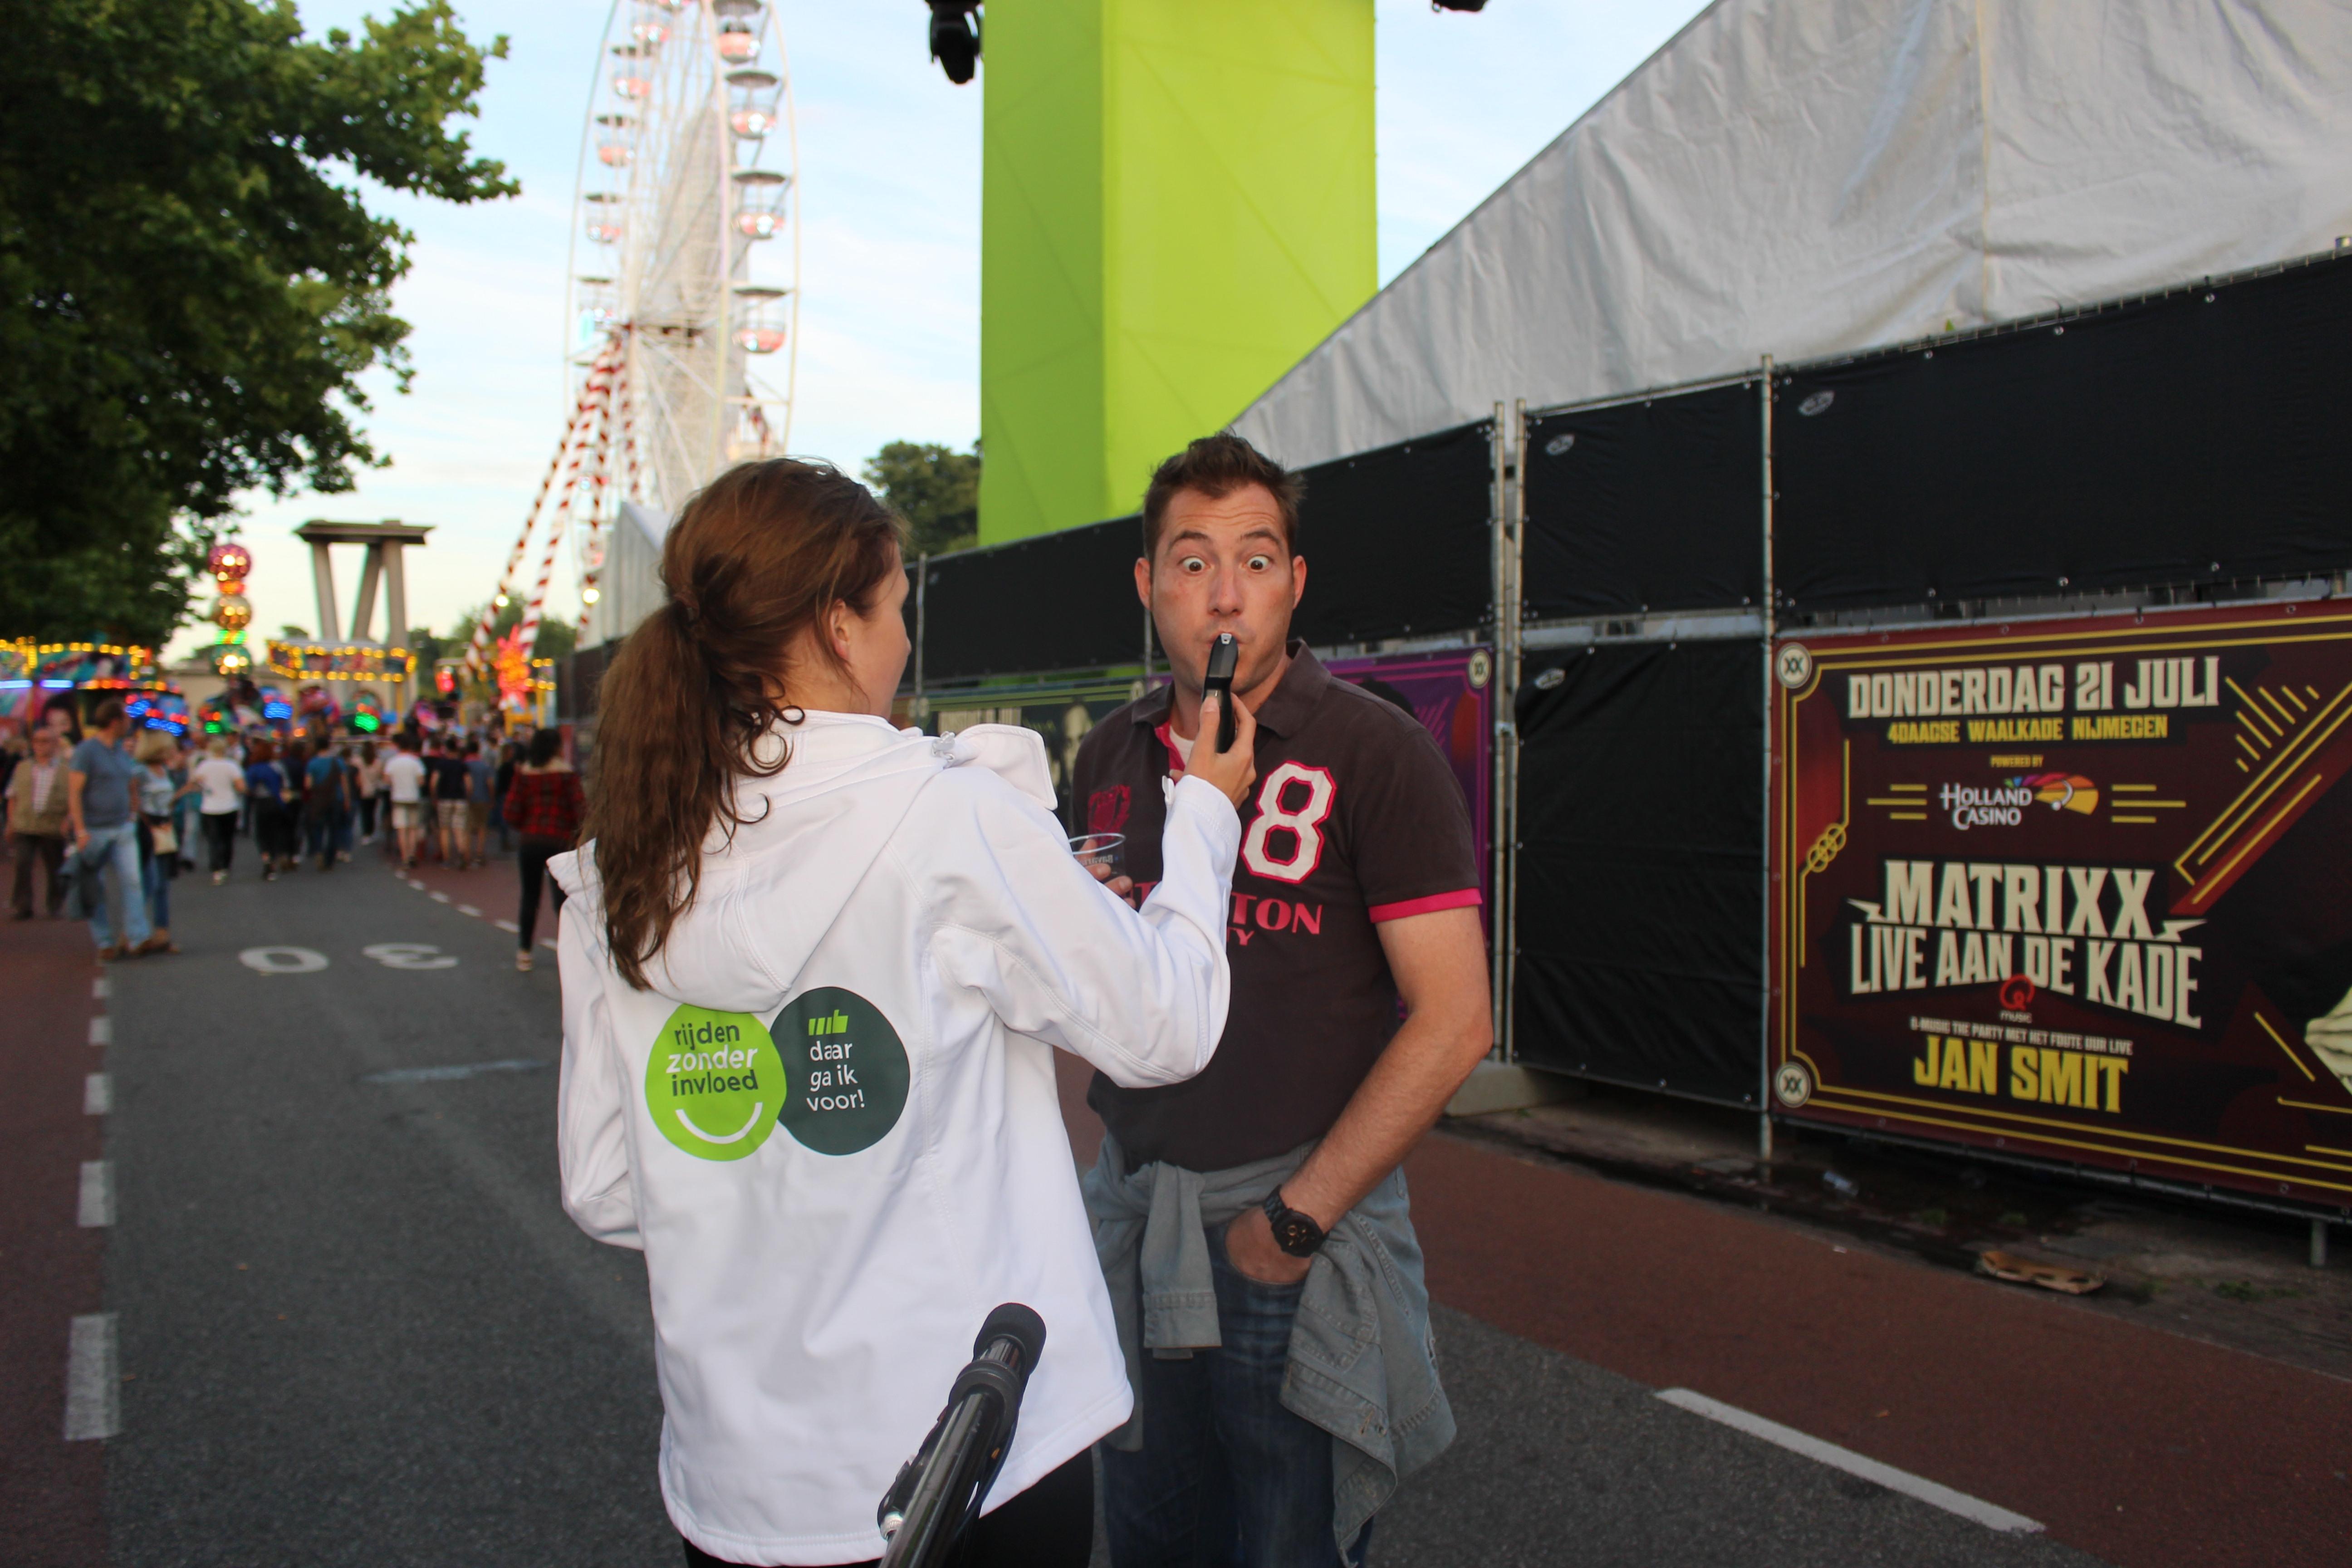 Campagneteam 'Rijden Zonder Invloed' bij Deventer Stadsfestival